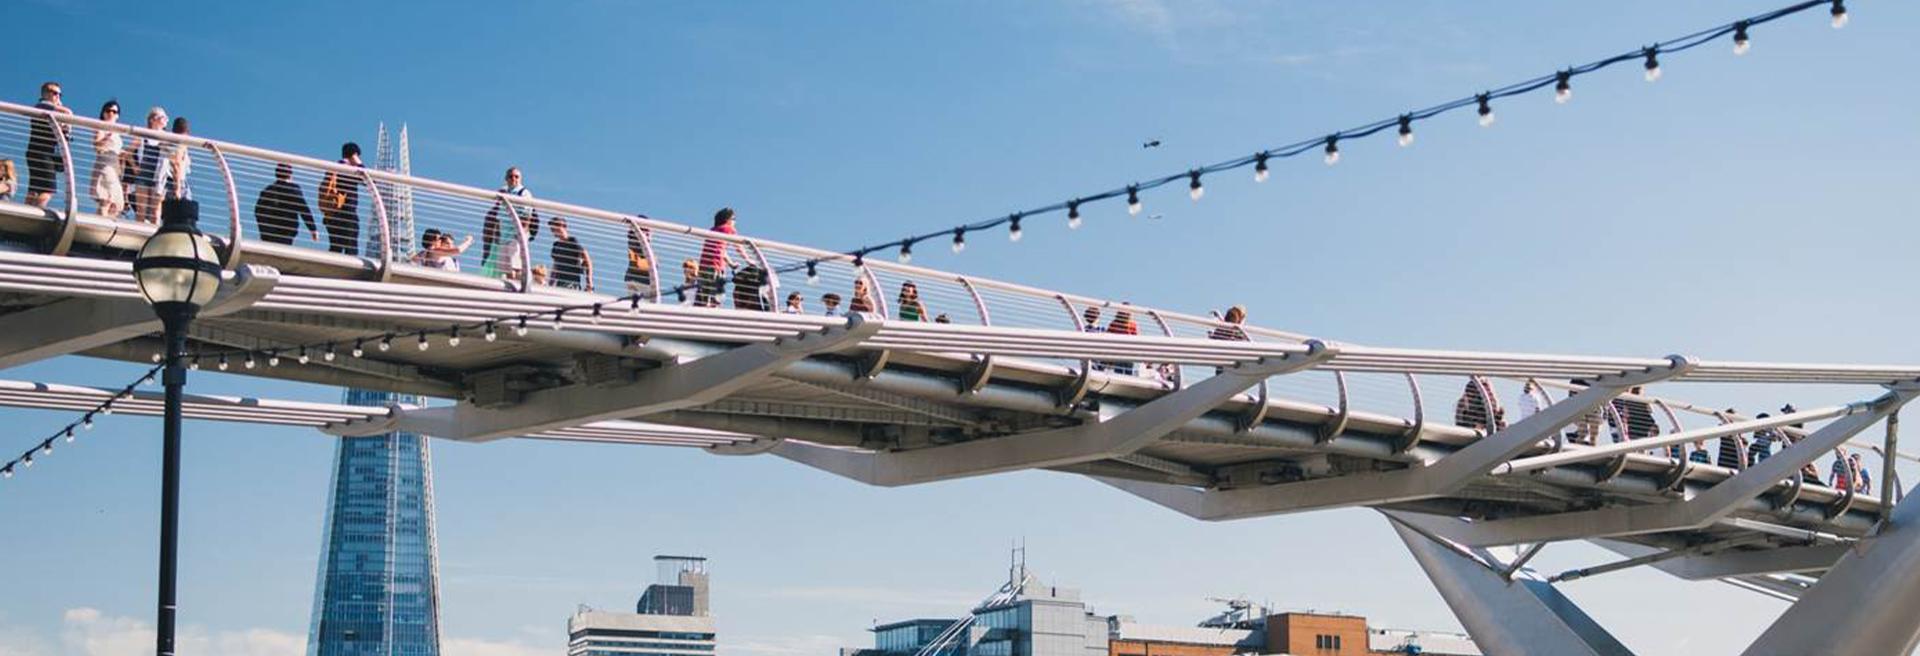 People-on-Millennium-bridge-Shard